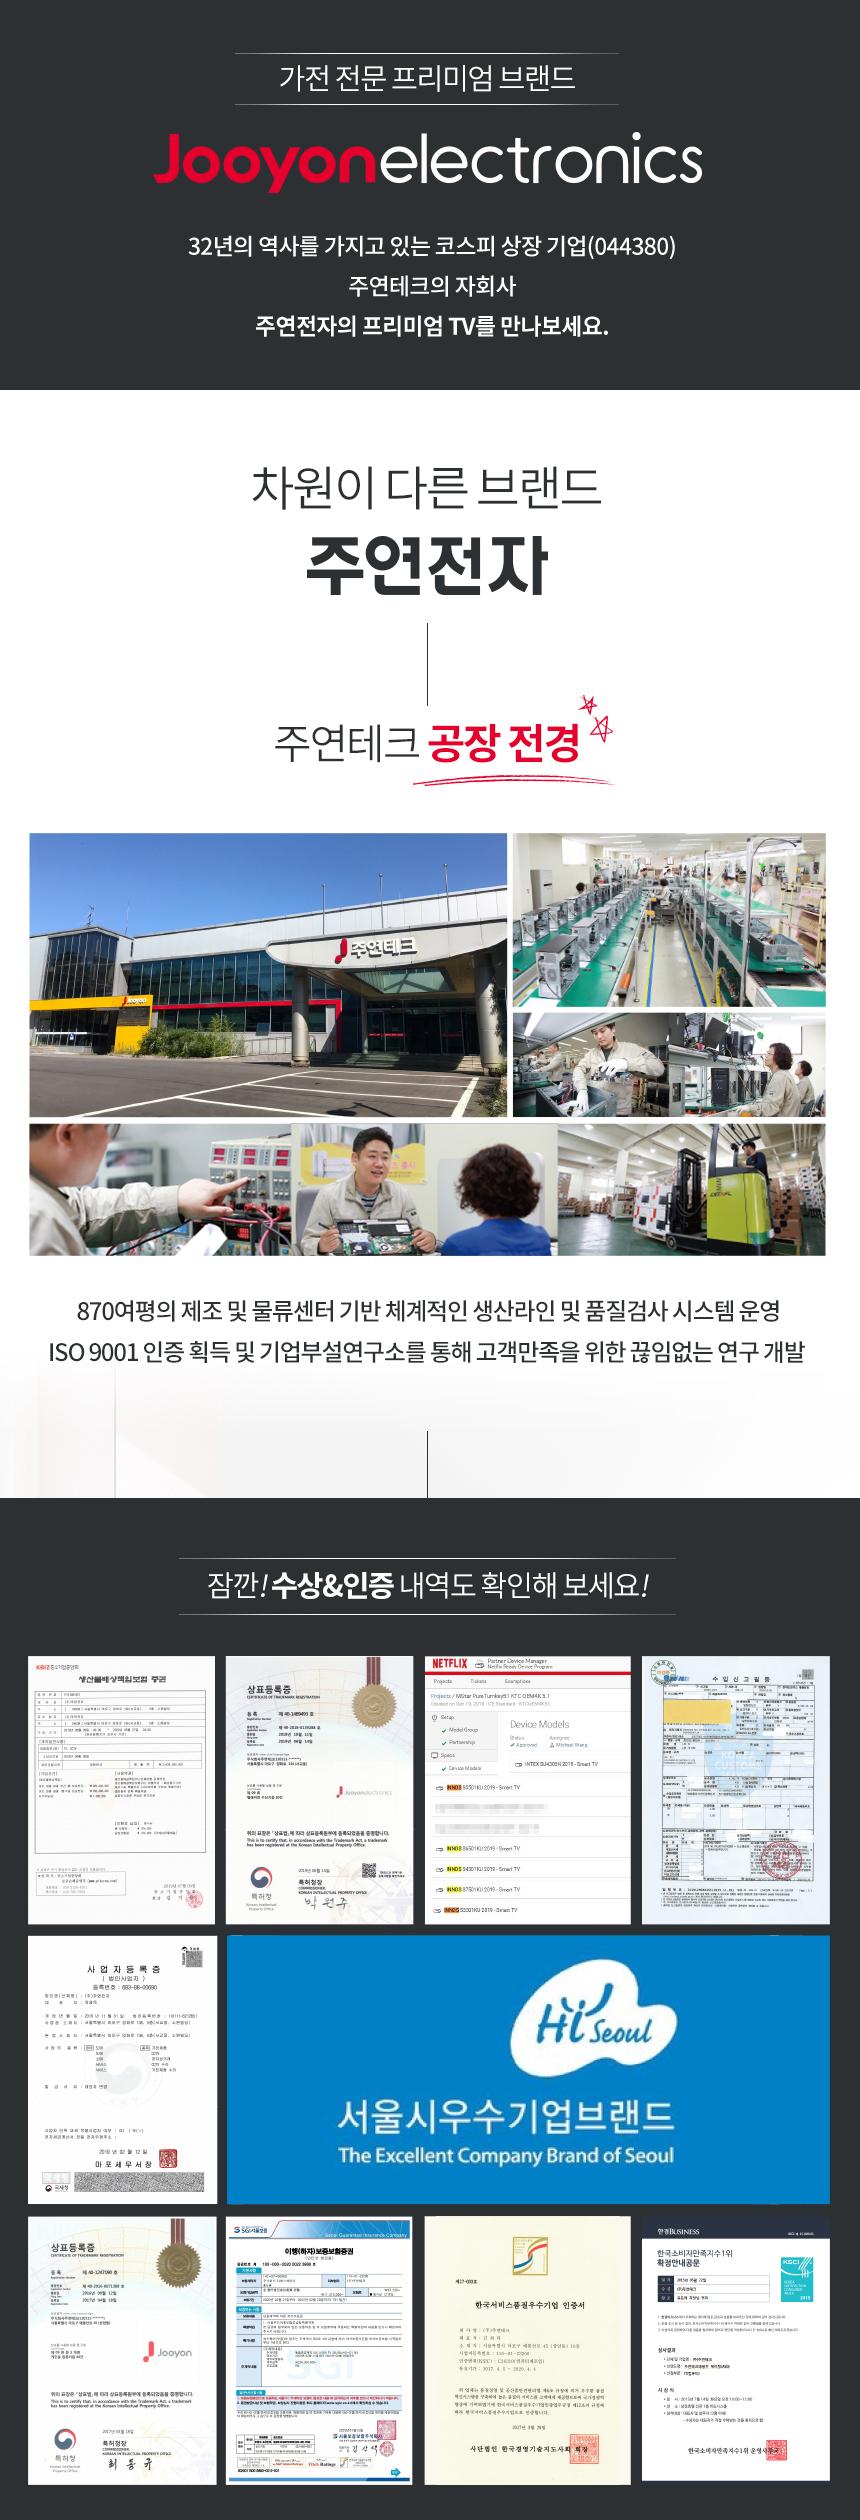 jooyon_brand_200924.jpg